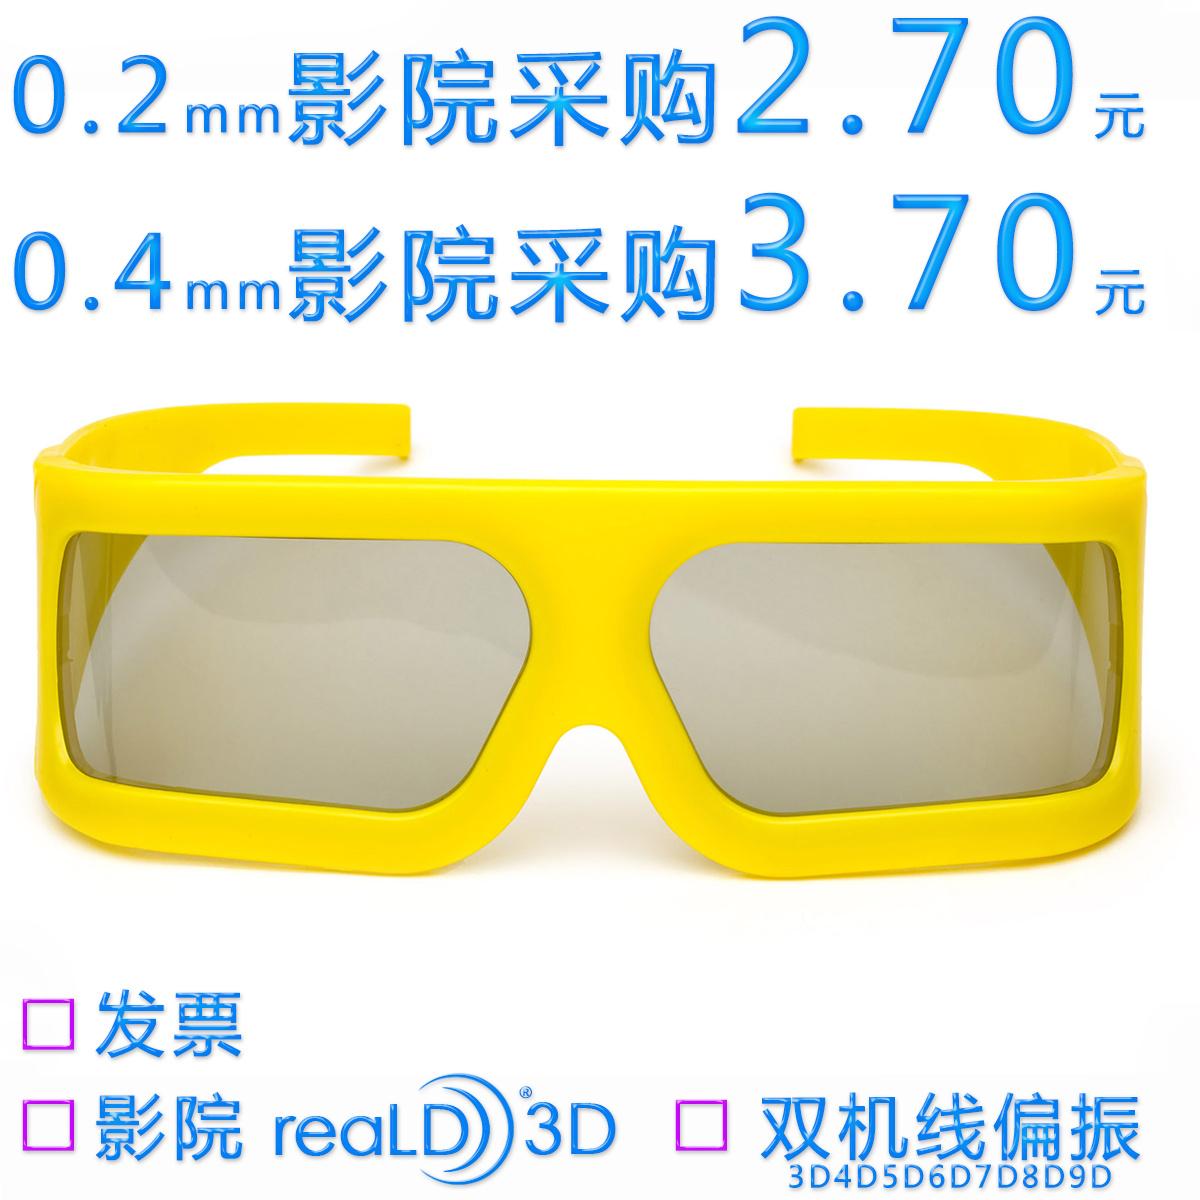 线偏振圆偏光3d眼镜立体电影4d眼镜5d影院6d游艺室7d动感影院专用